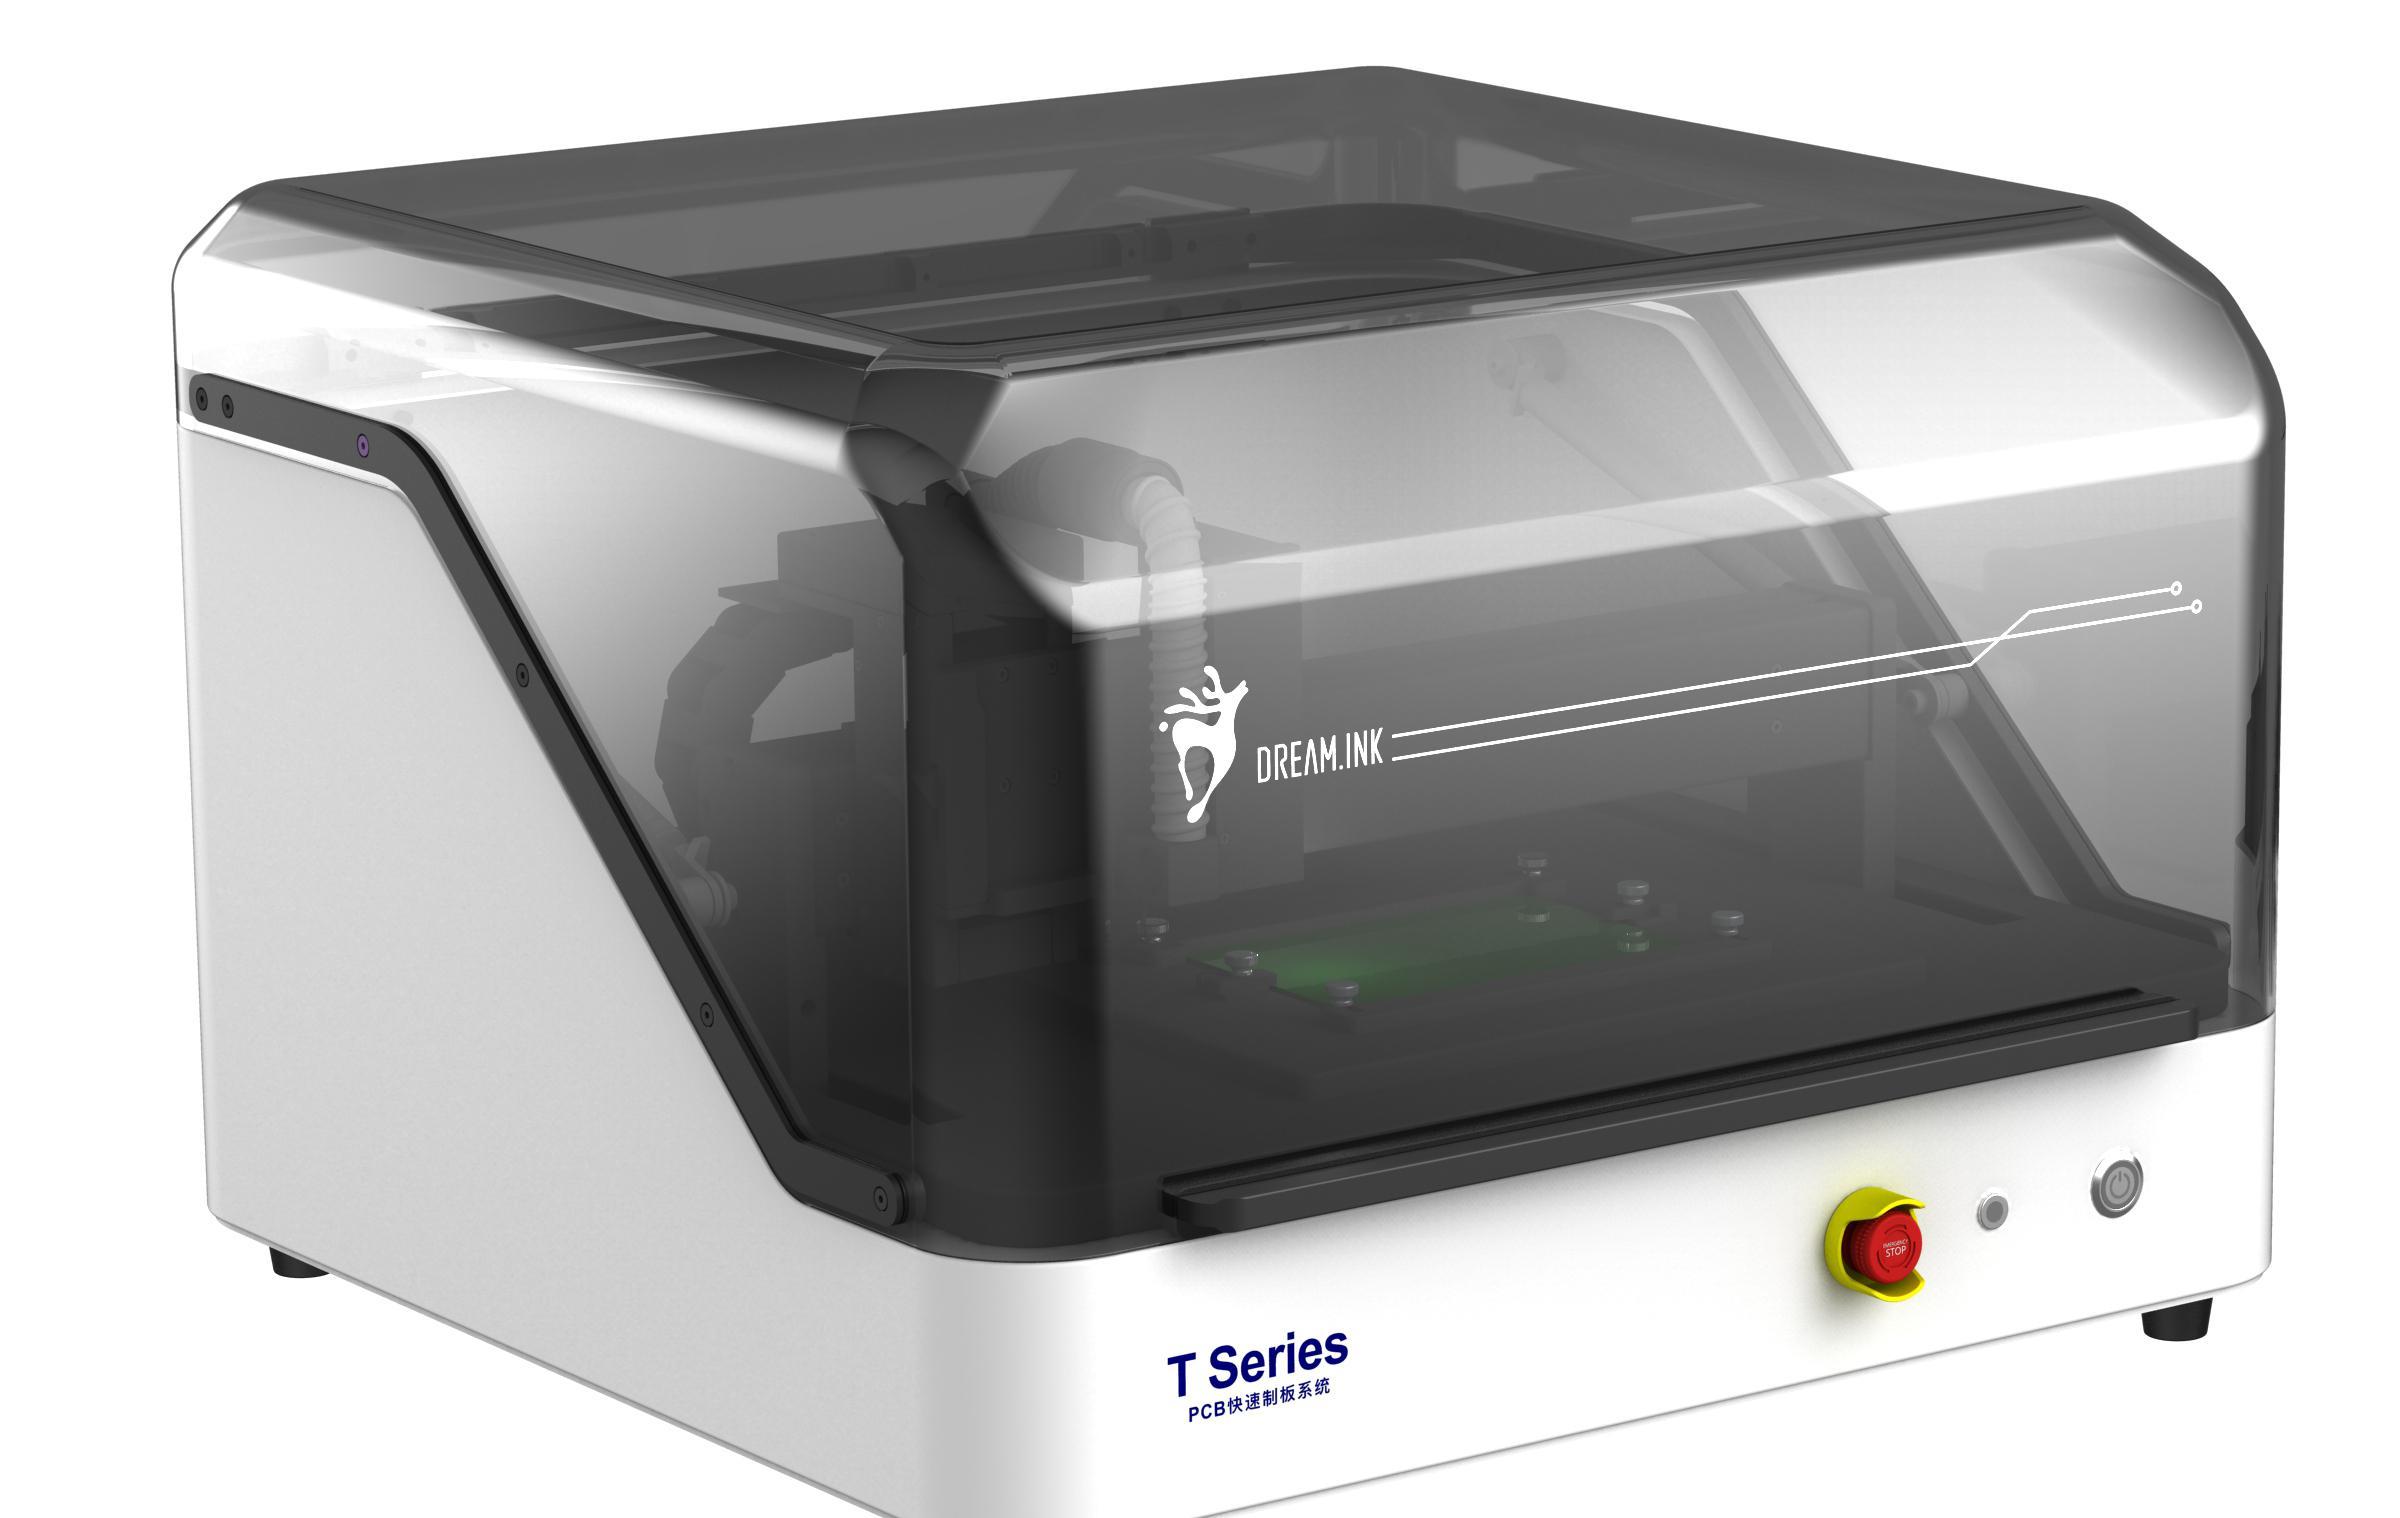 首發!夢之墨發布T Series PCB快速制板系統